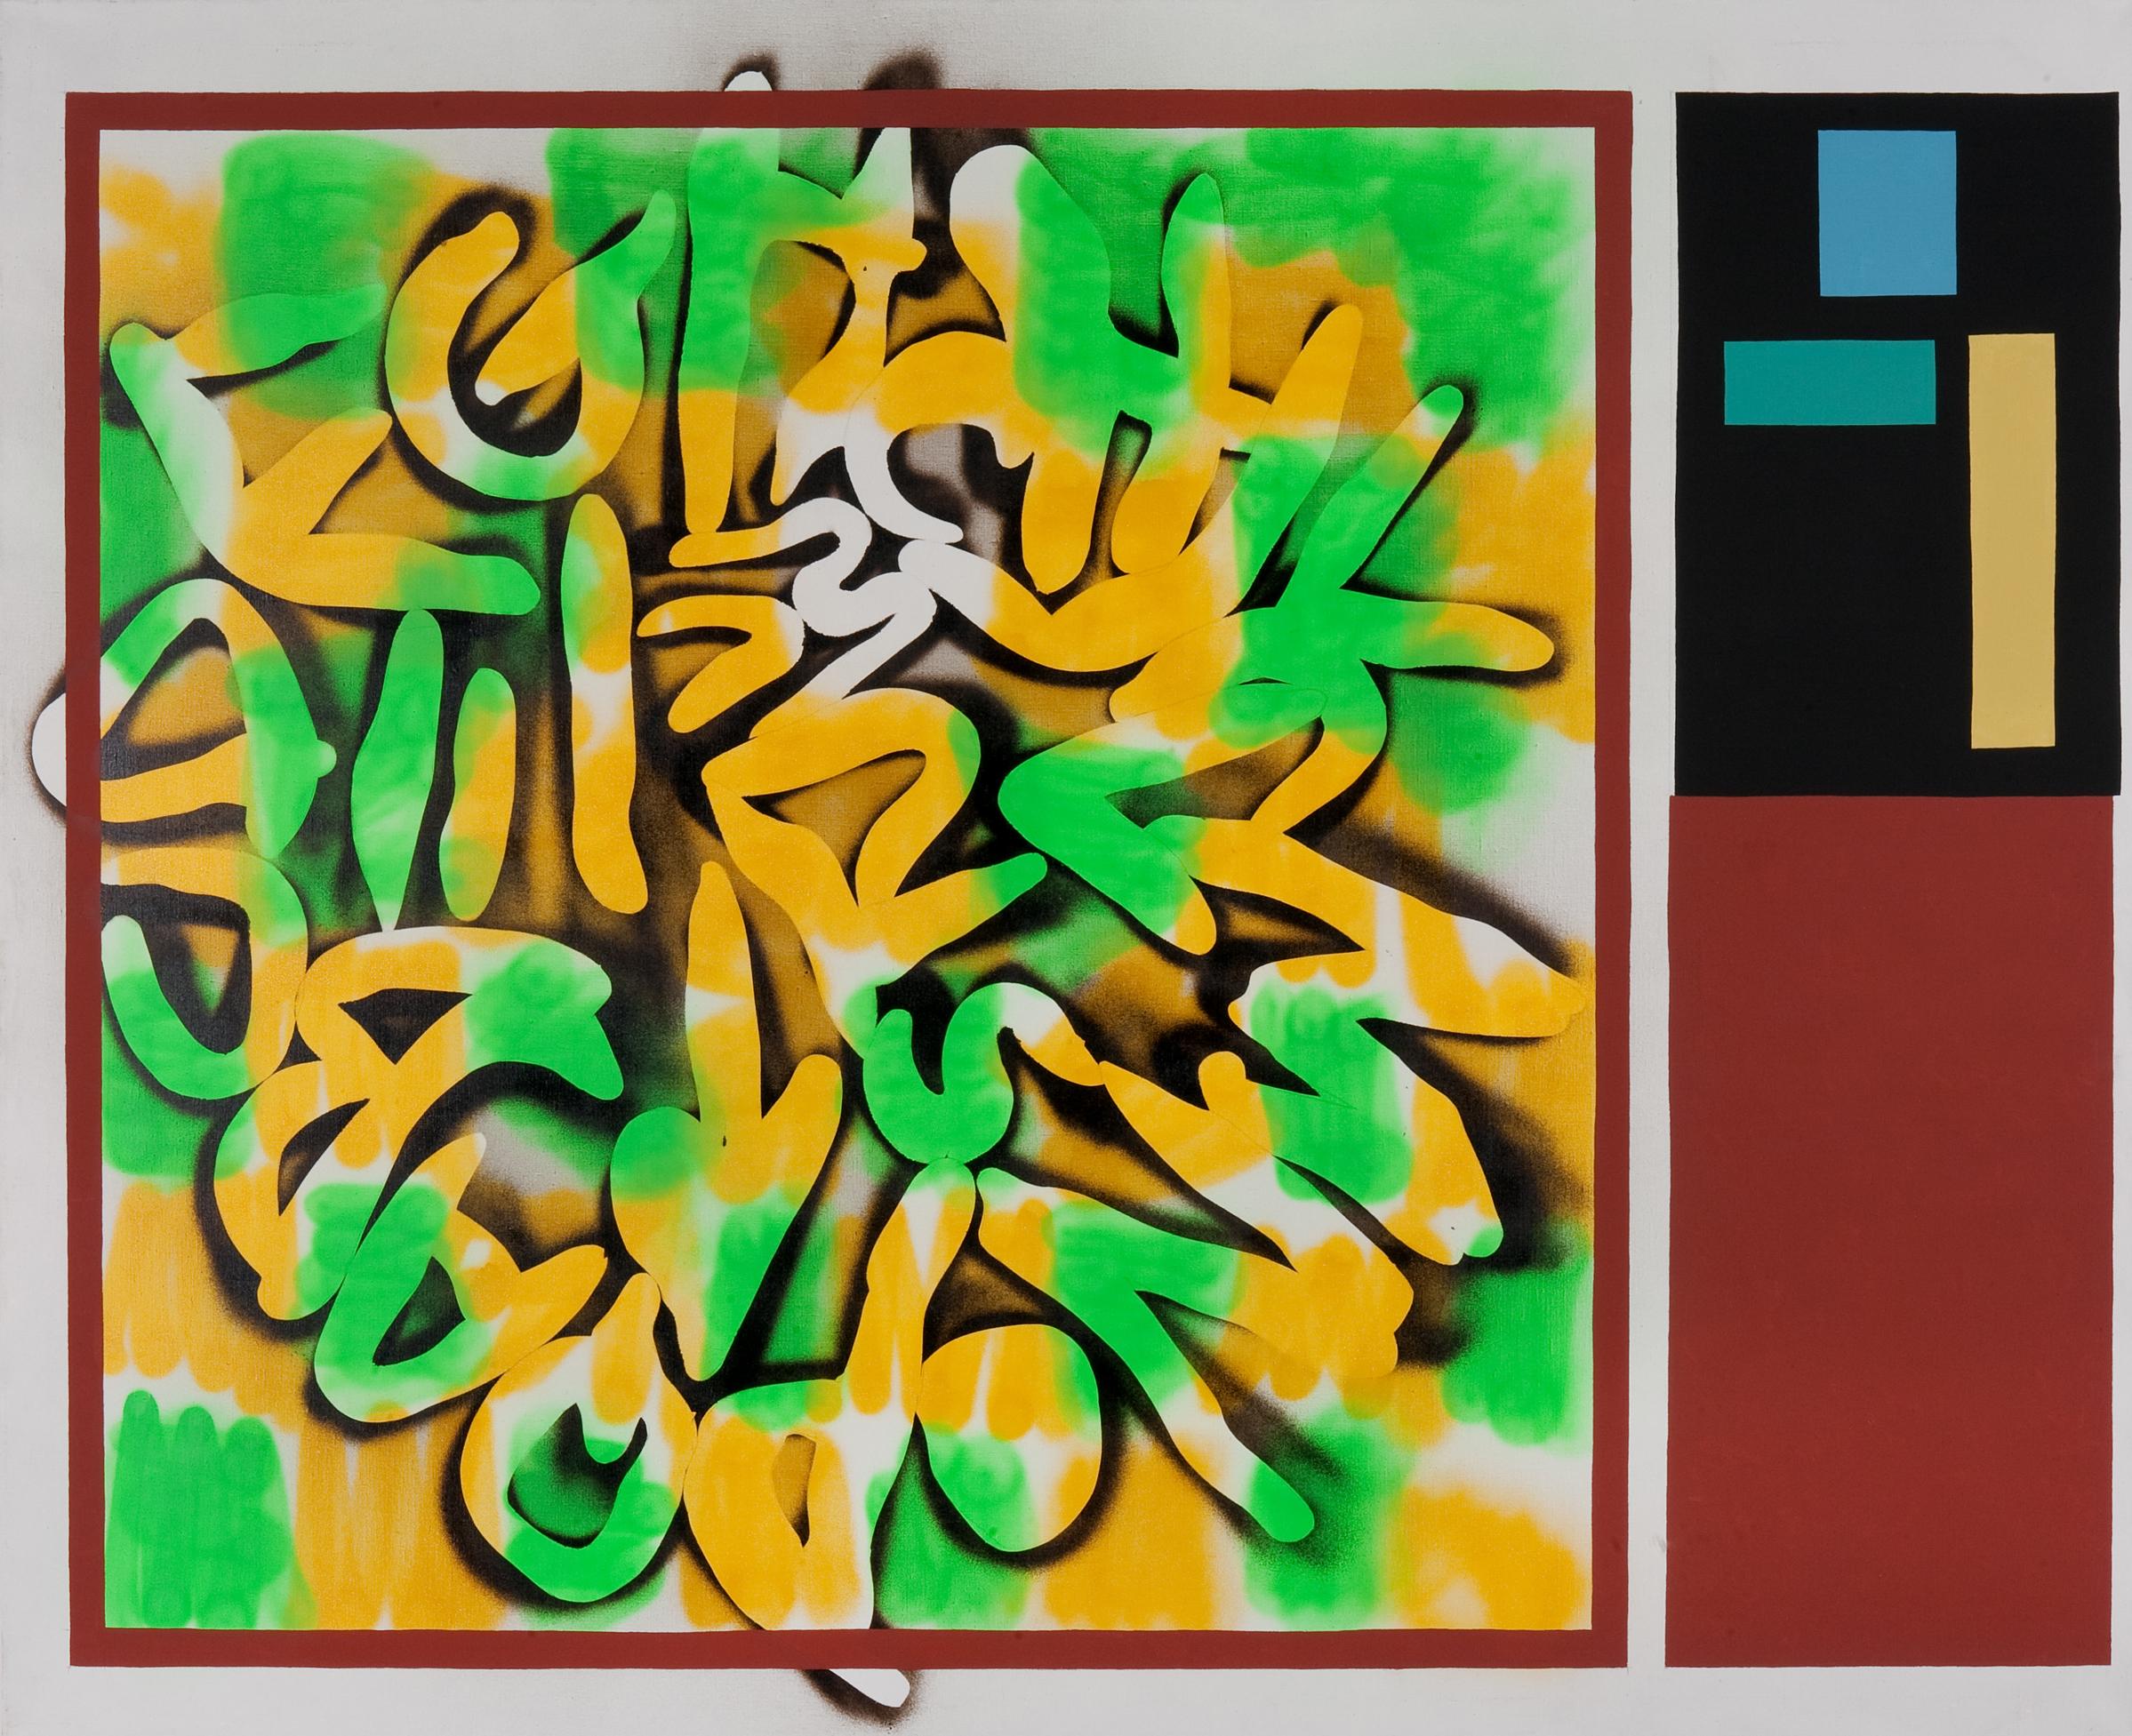 ABCD, 2009, acrylic, spray on canvas, 180 x 220 cm